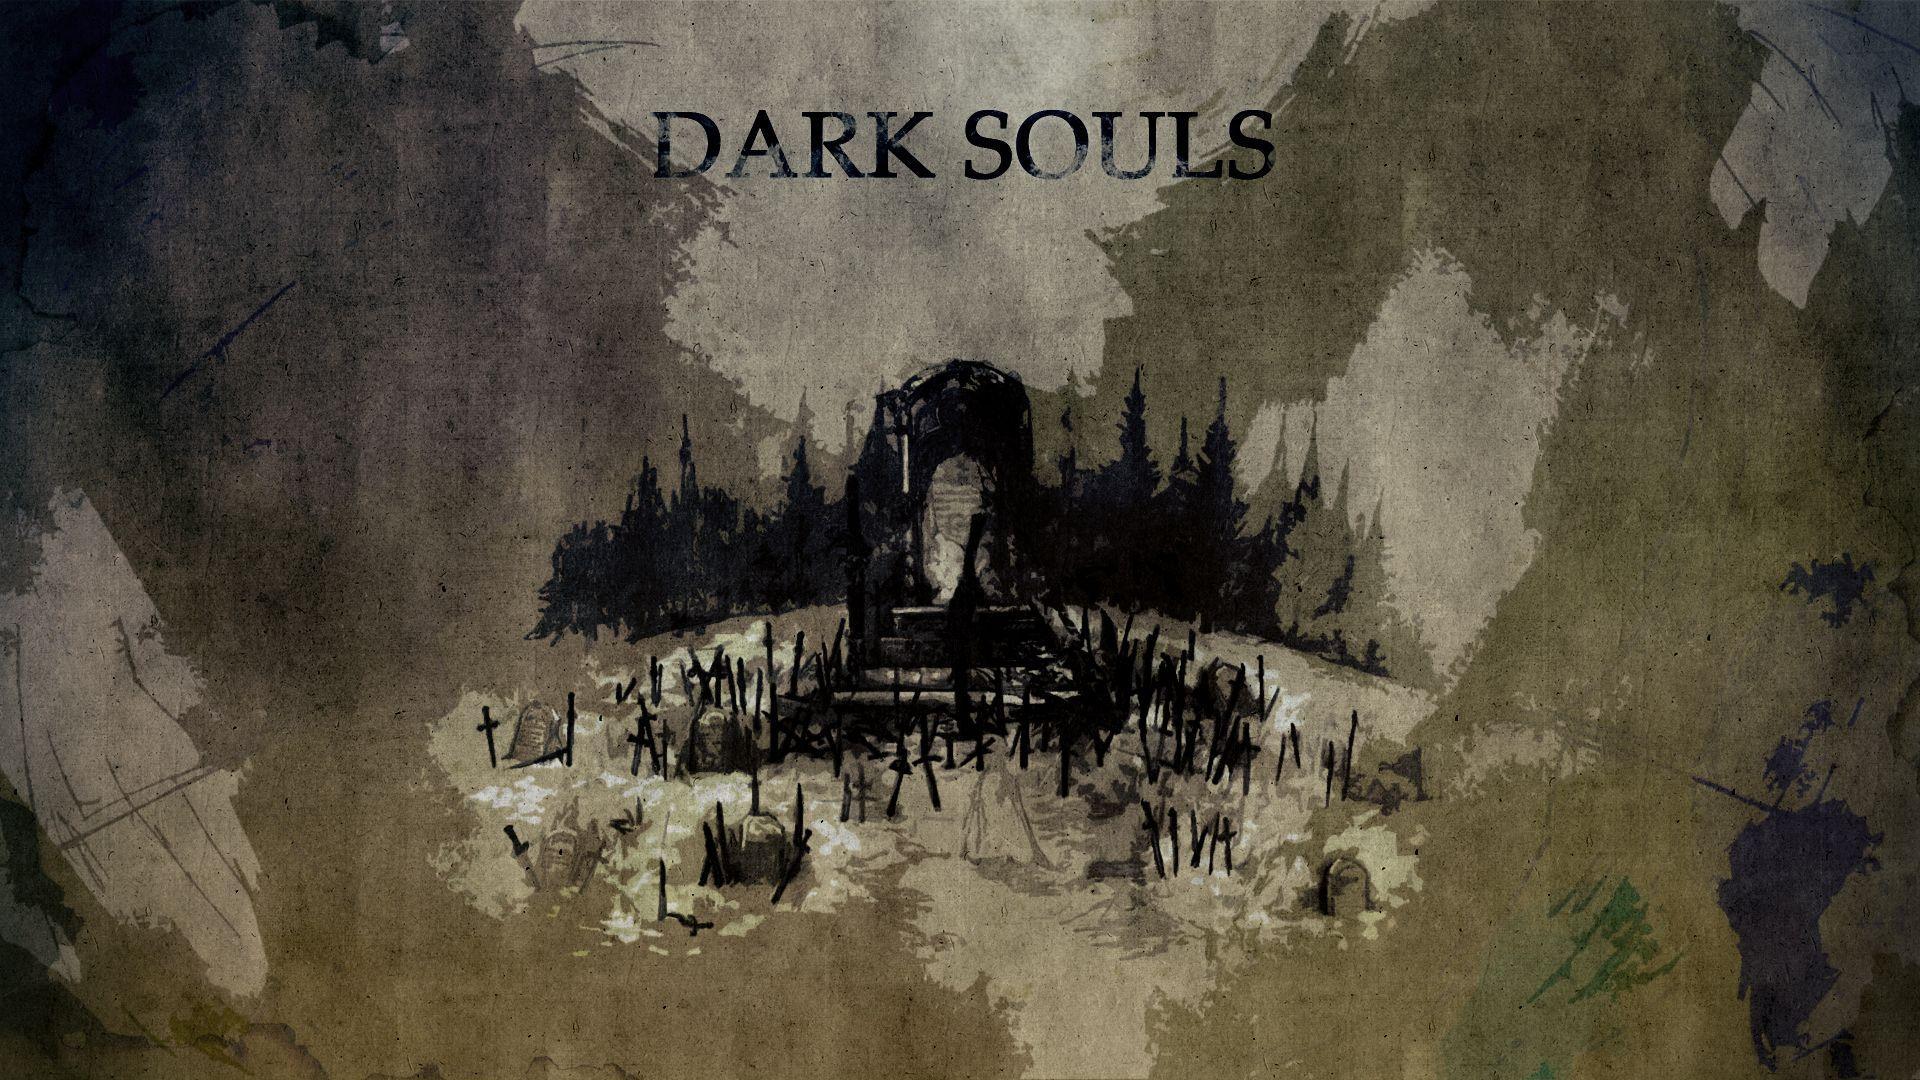 Dark Souls Map Wallpapers - Top Free Dark Souls Map